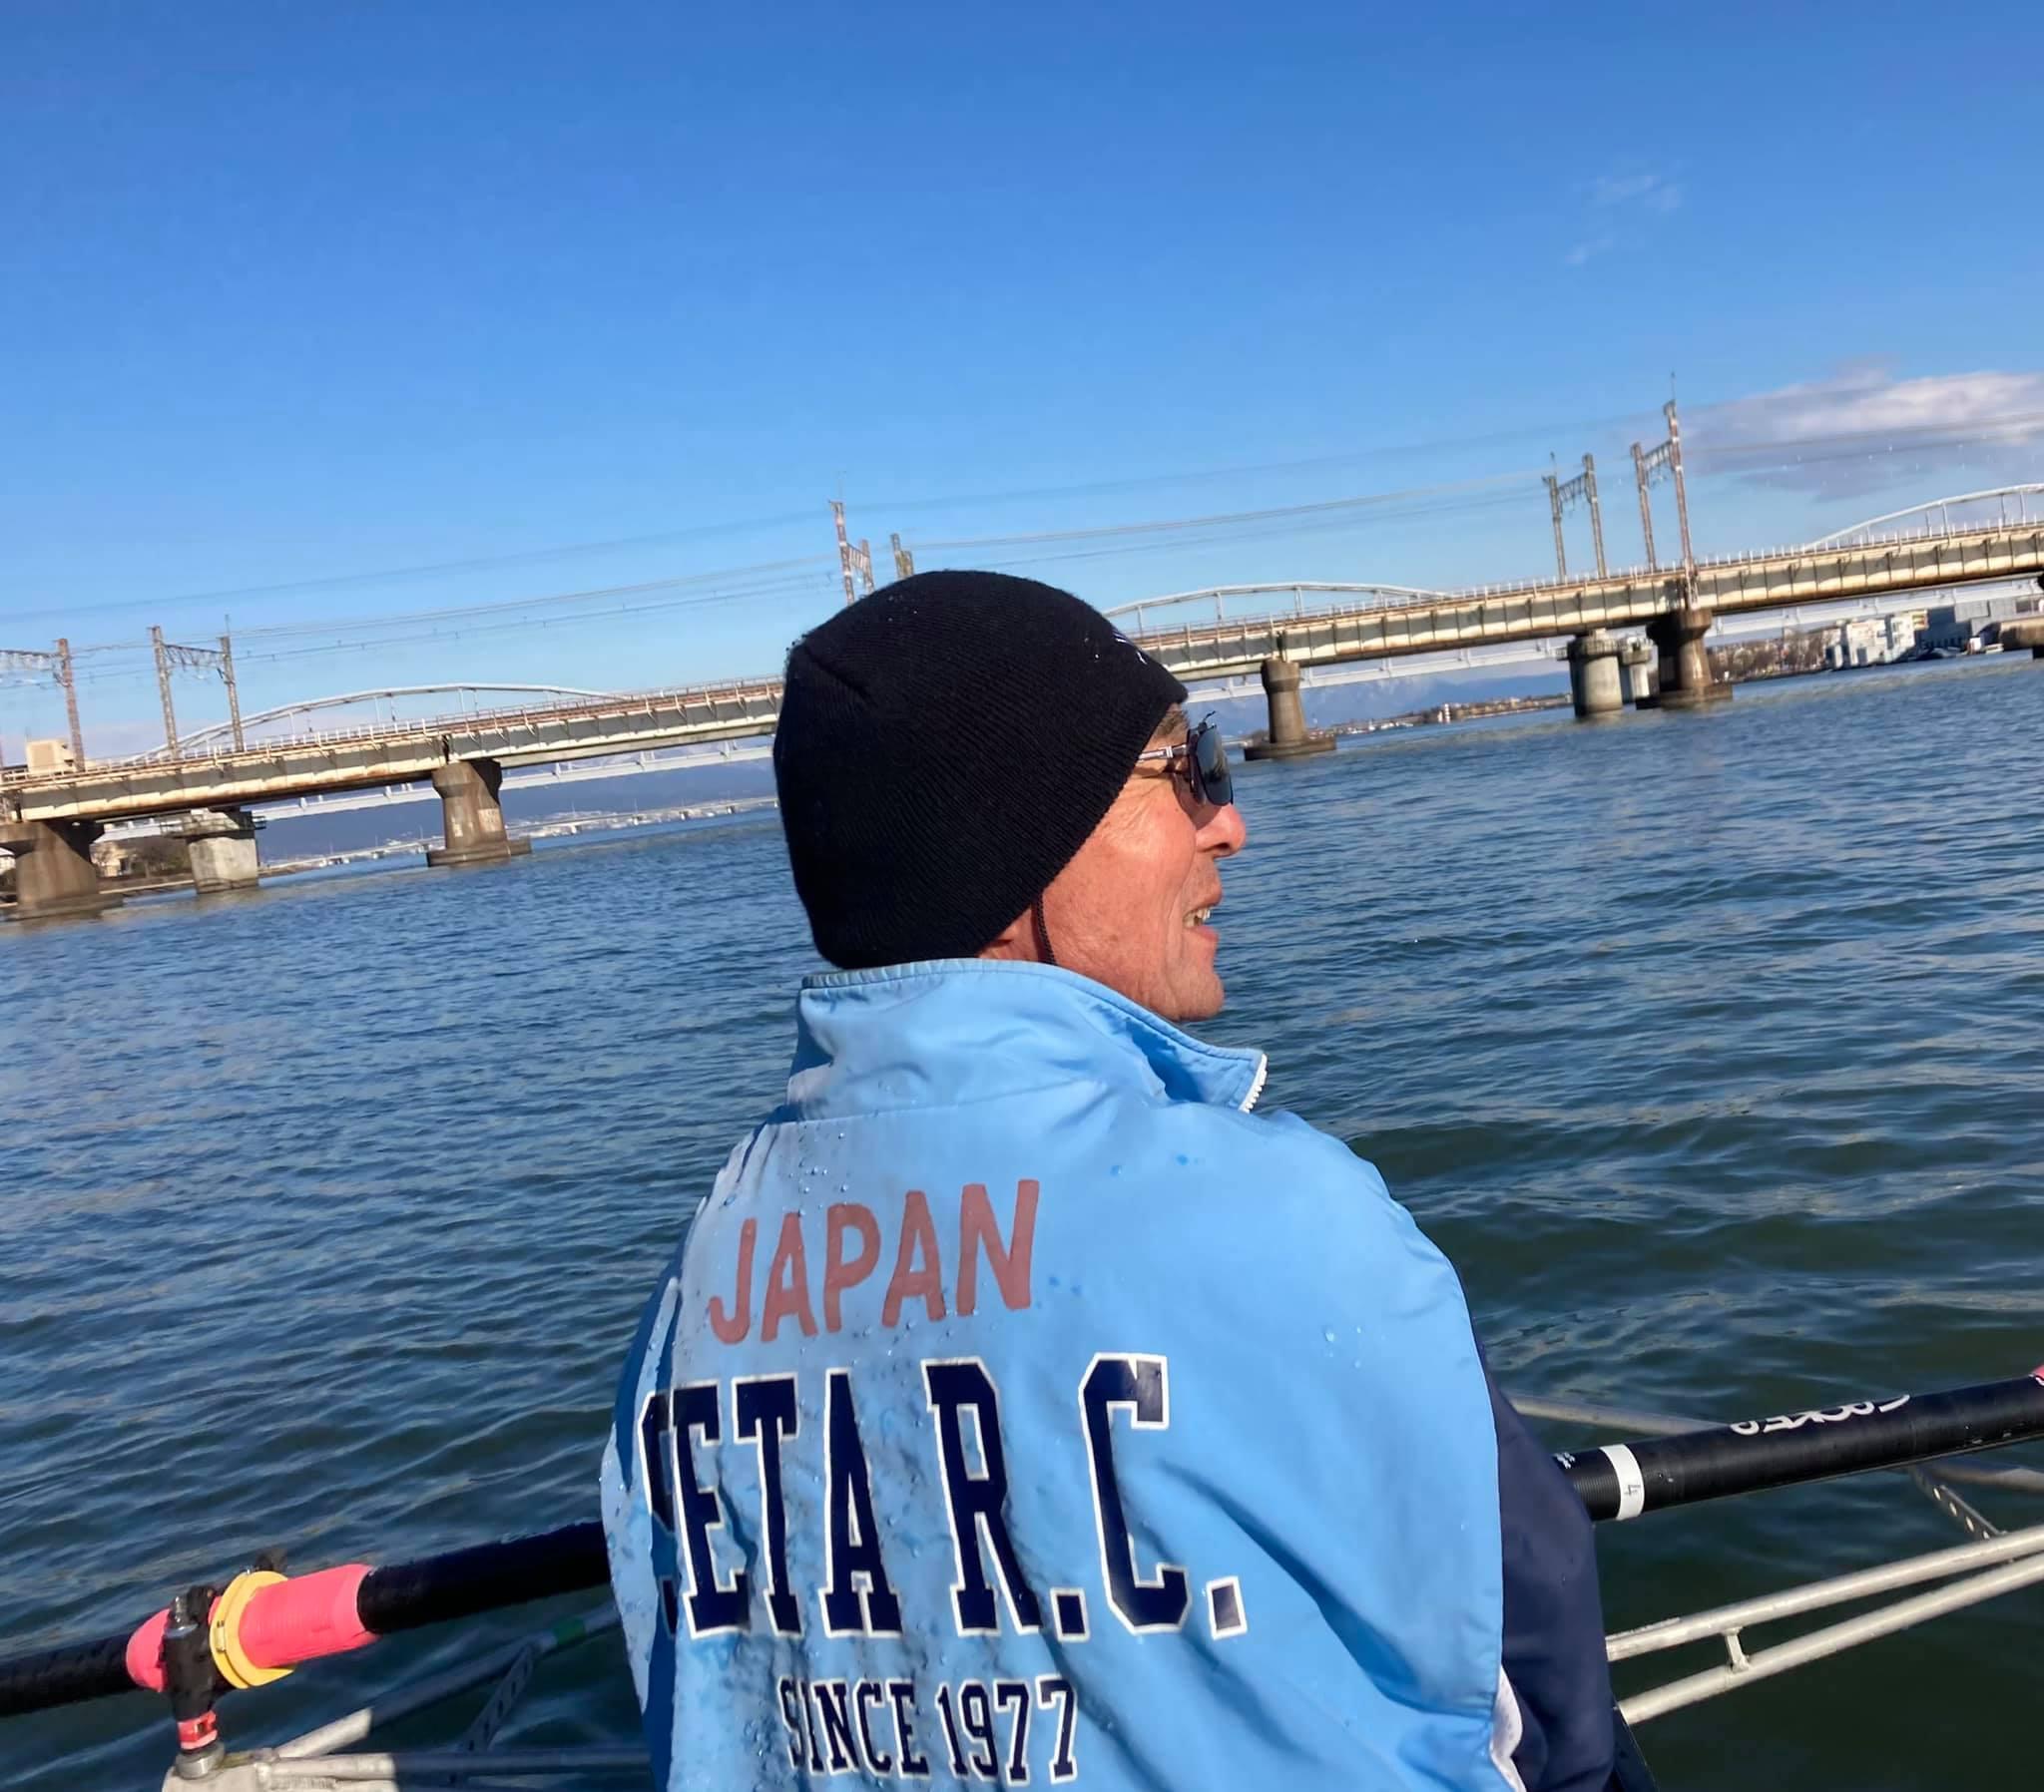 rowing in Japan